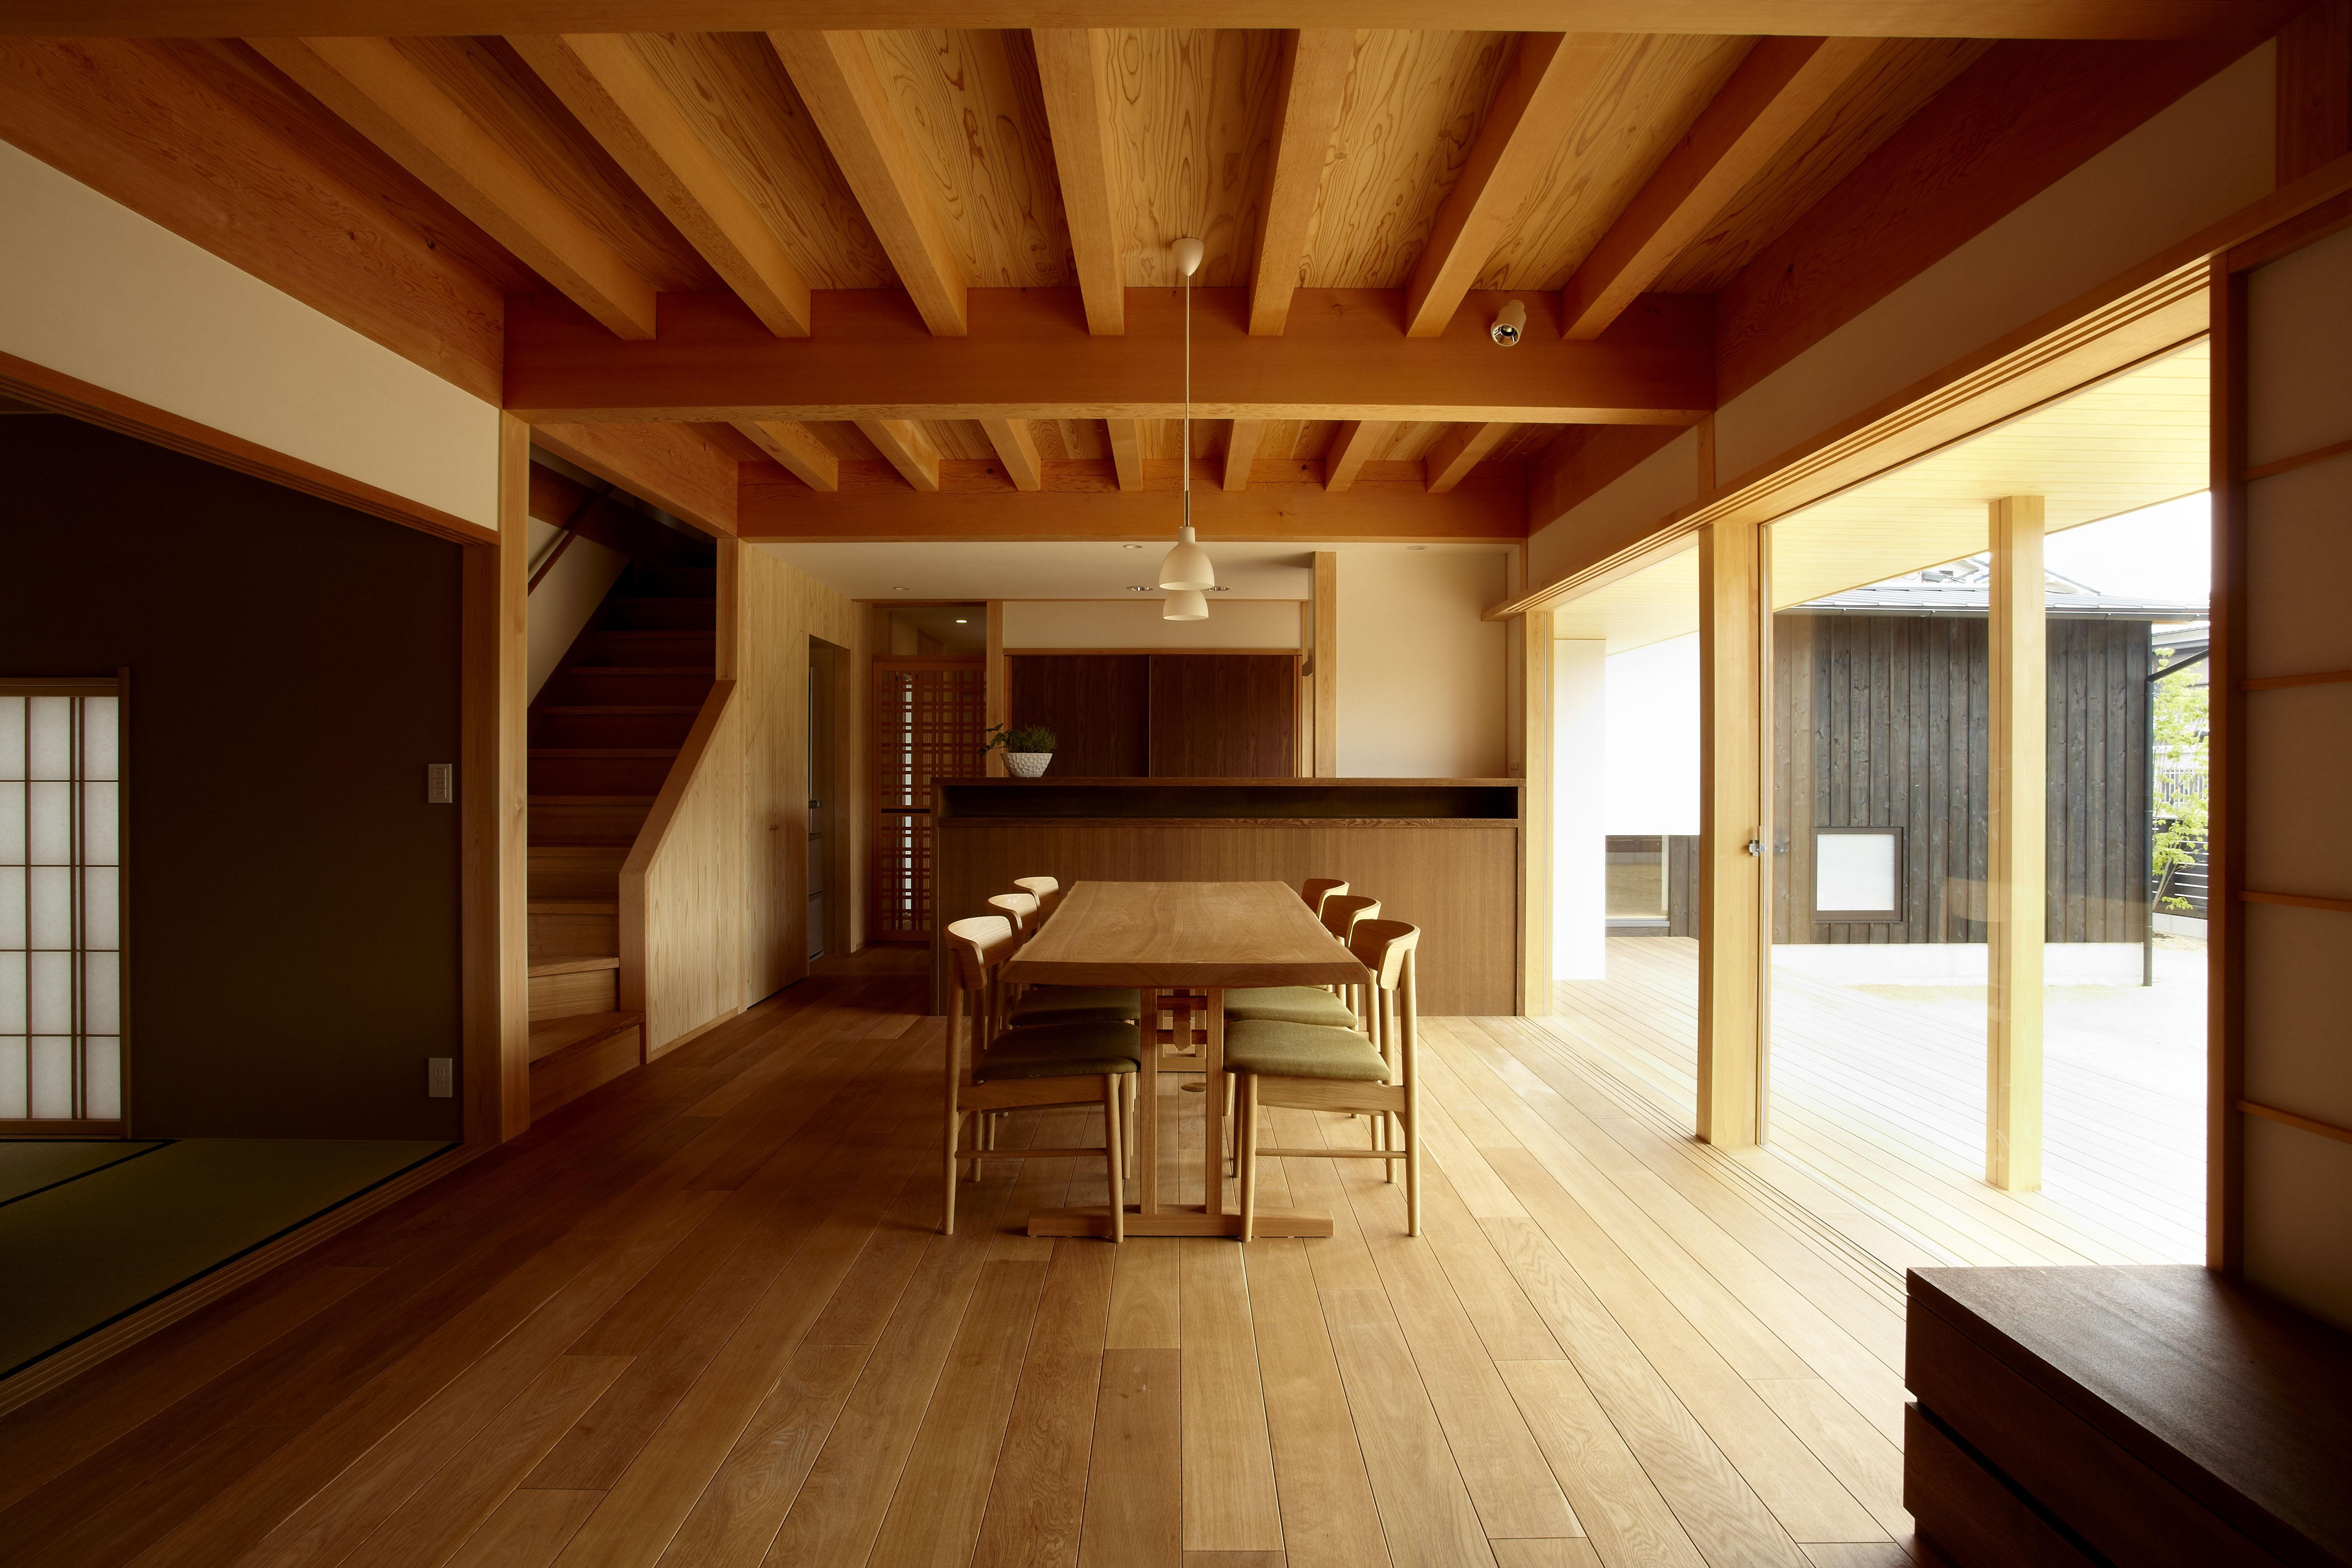 リビングダイニング事例:和室と隣接するLDK(ウッドデッキで繋がる空間|趣味を楽しむ住まい 姫路の家)